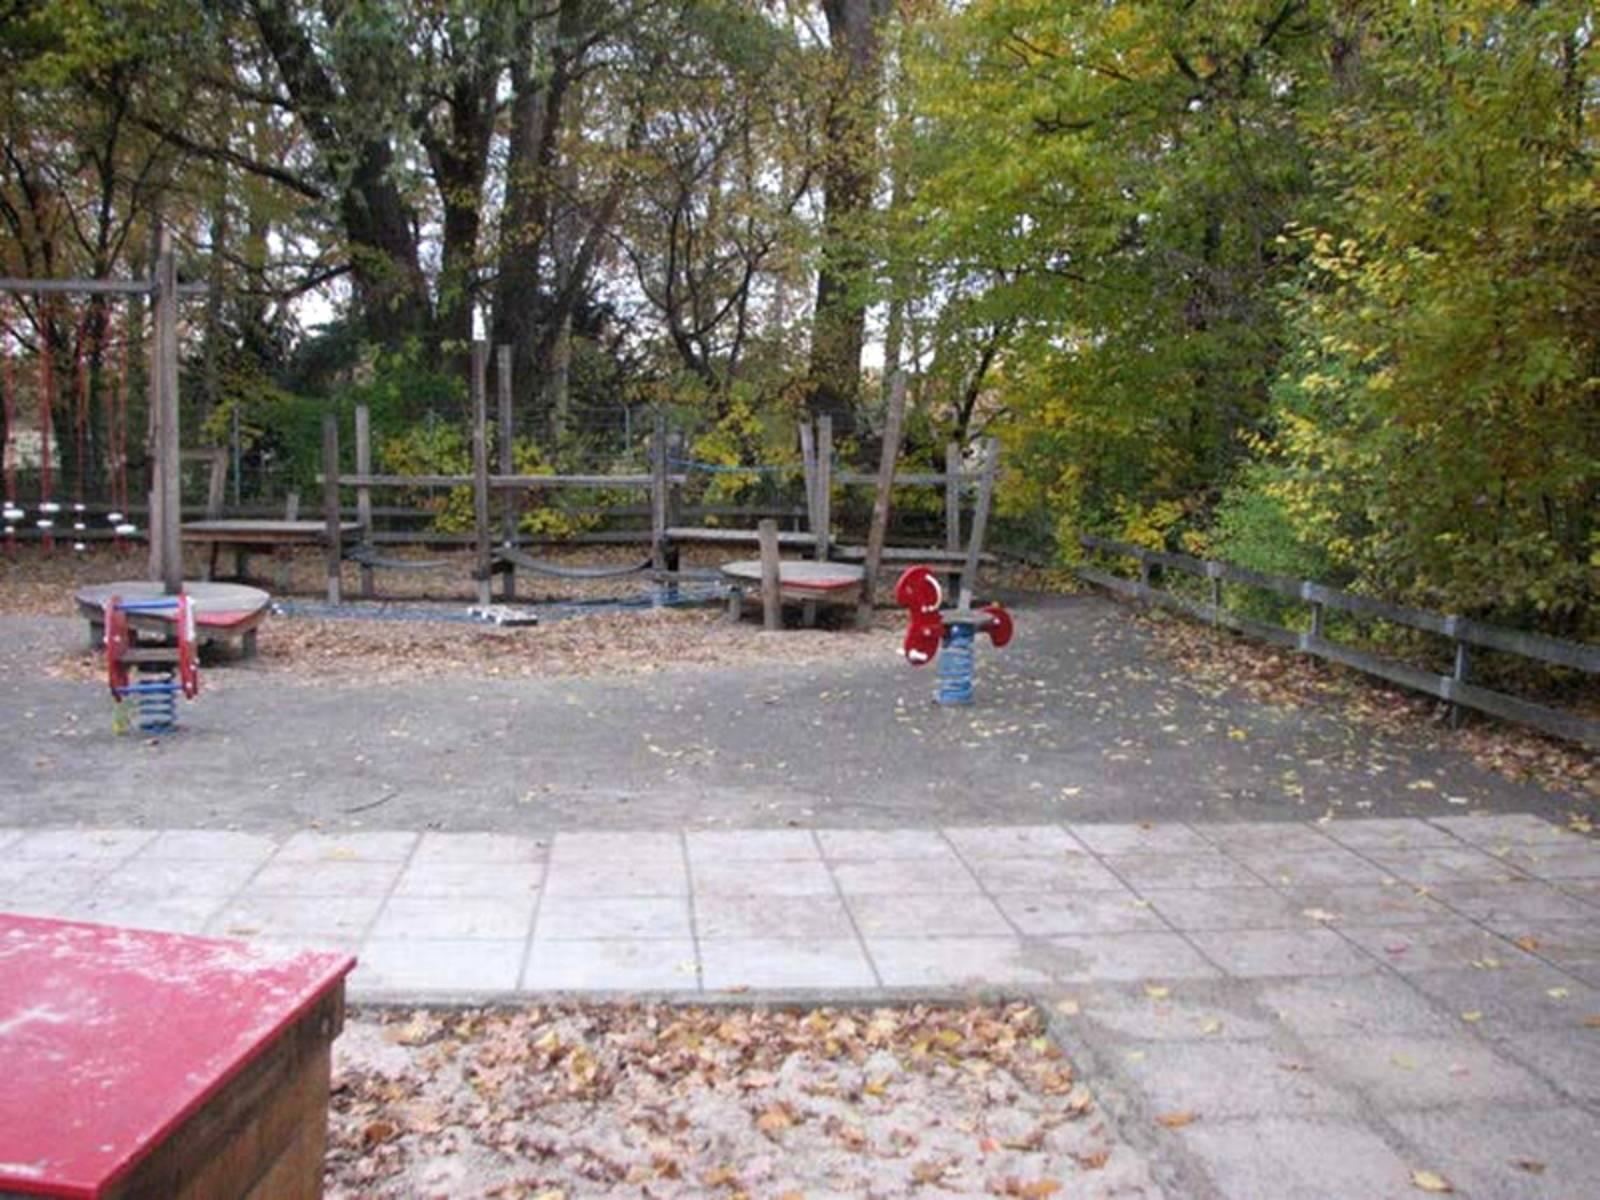 Spielgeräte aus Holz und Wipptiere auf dem Spielplatz Tegelweg